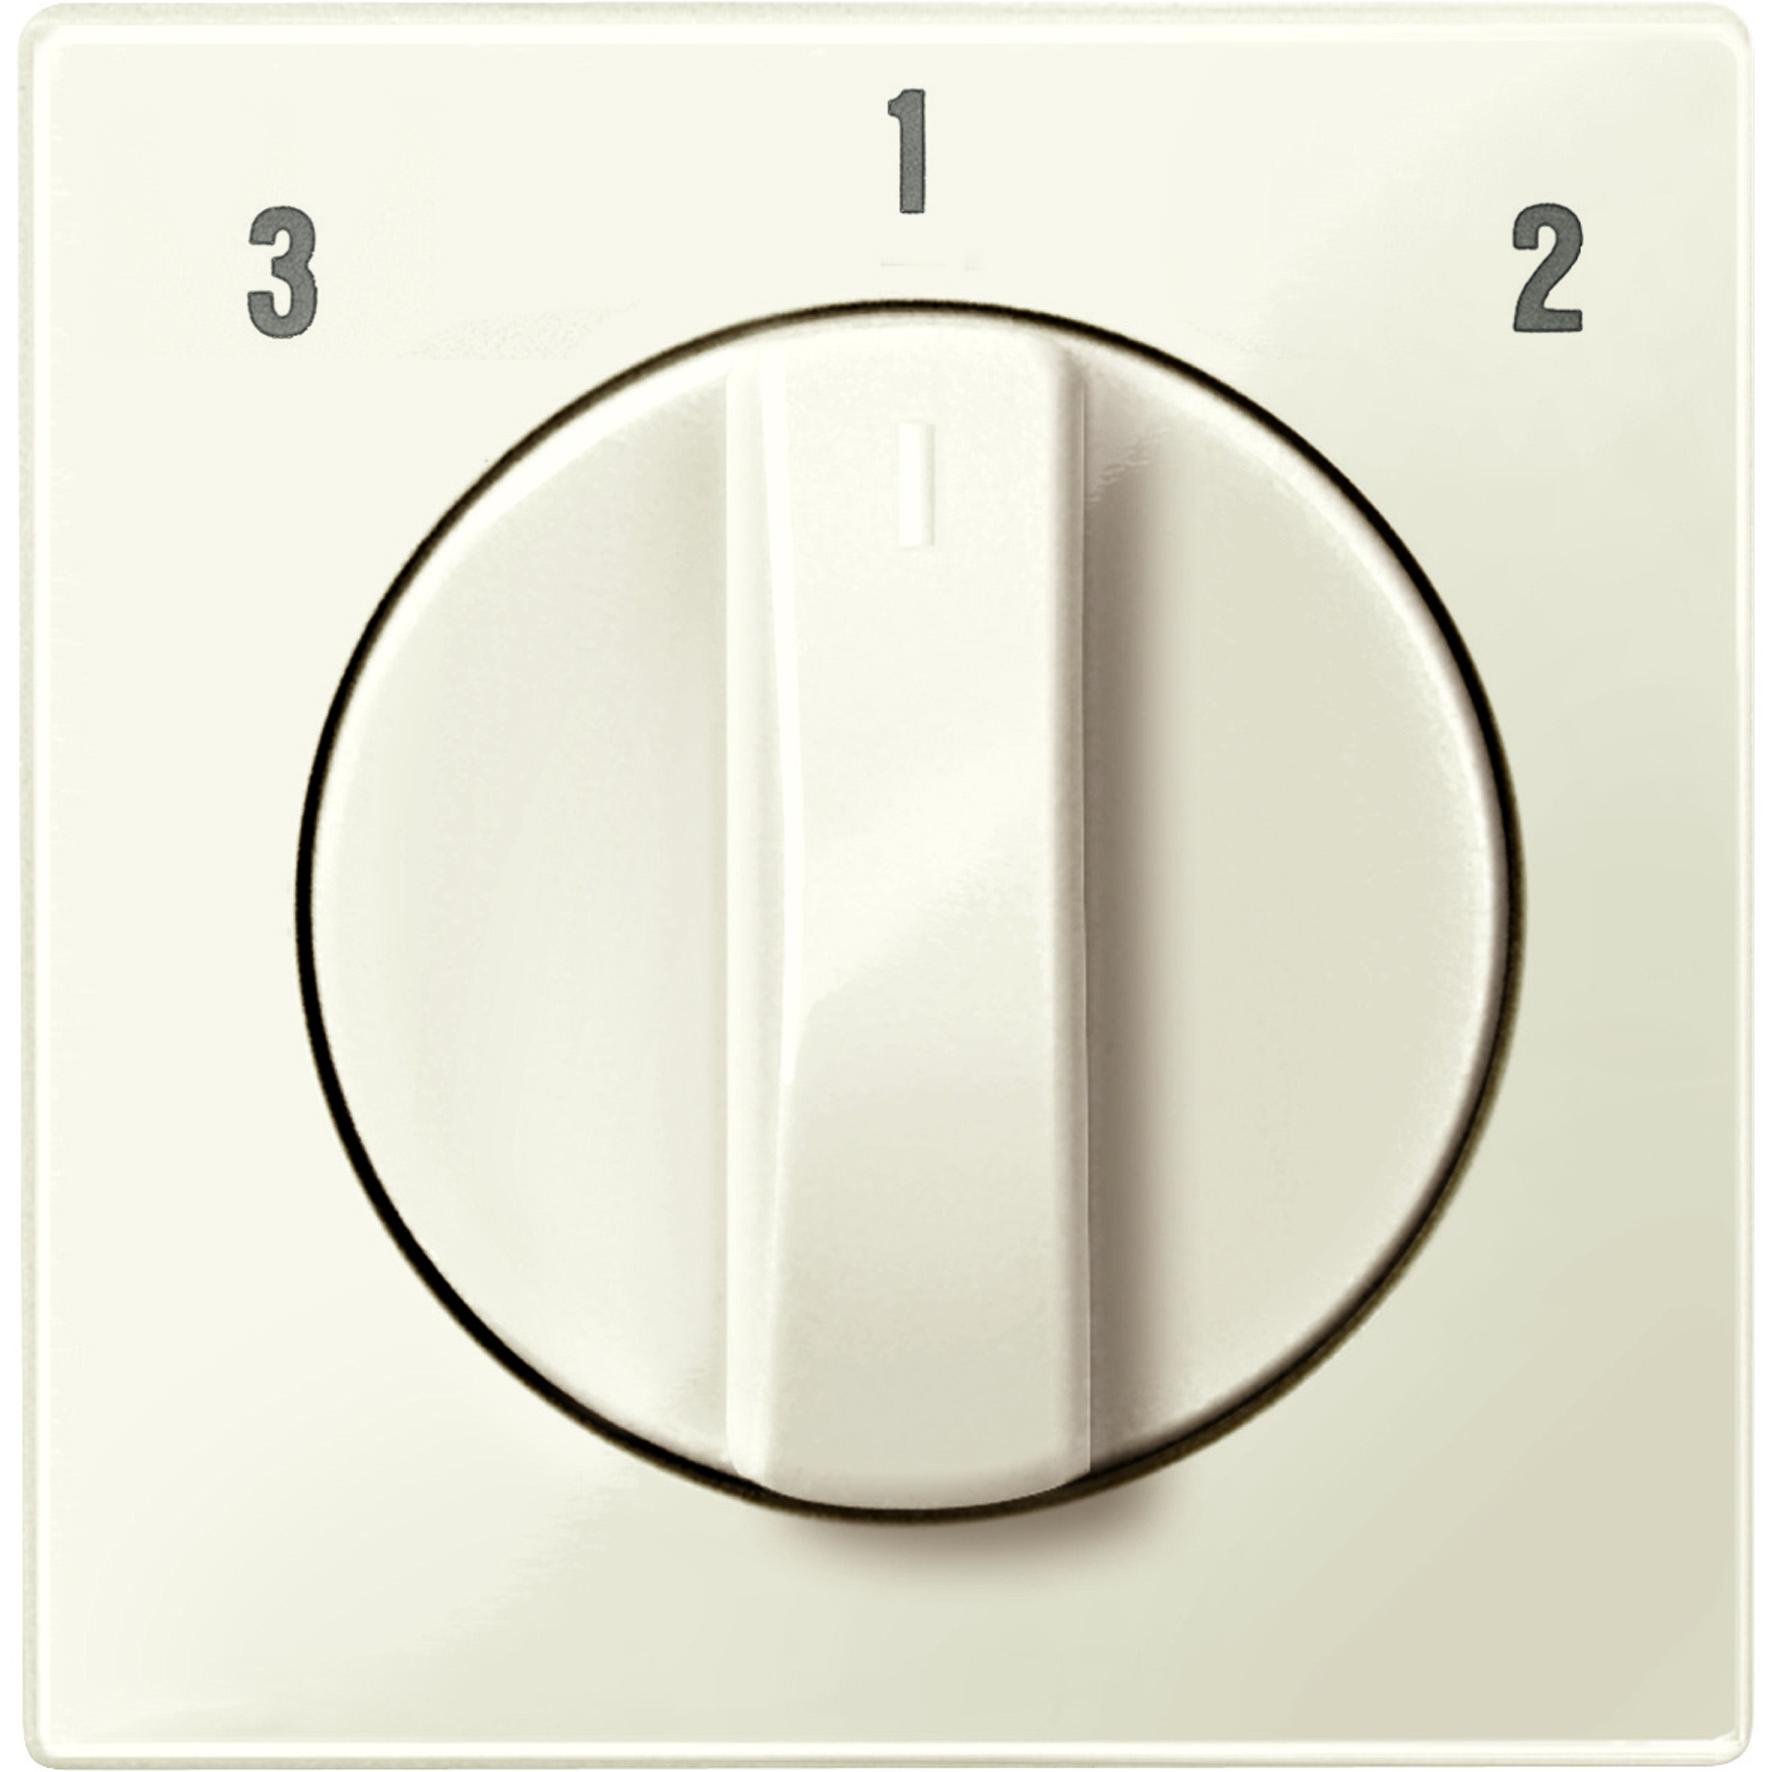 Schneider-Merten systeem M centraalplaat voor ventilatorschakelaar - wit glanzend (MTN567344)